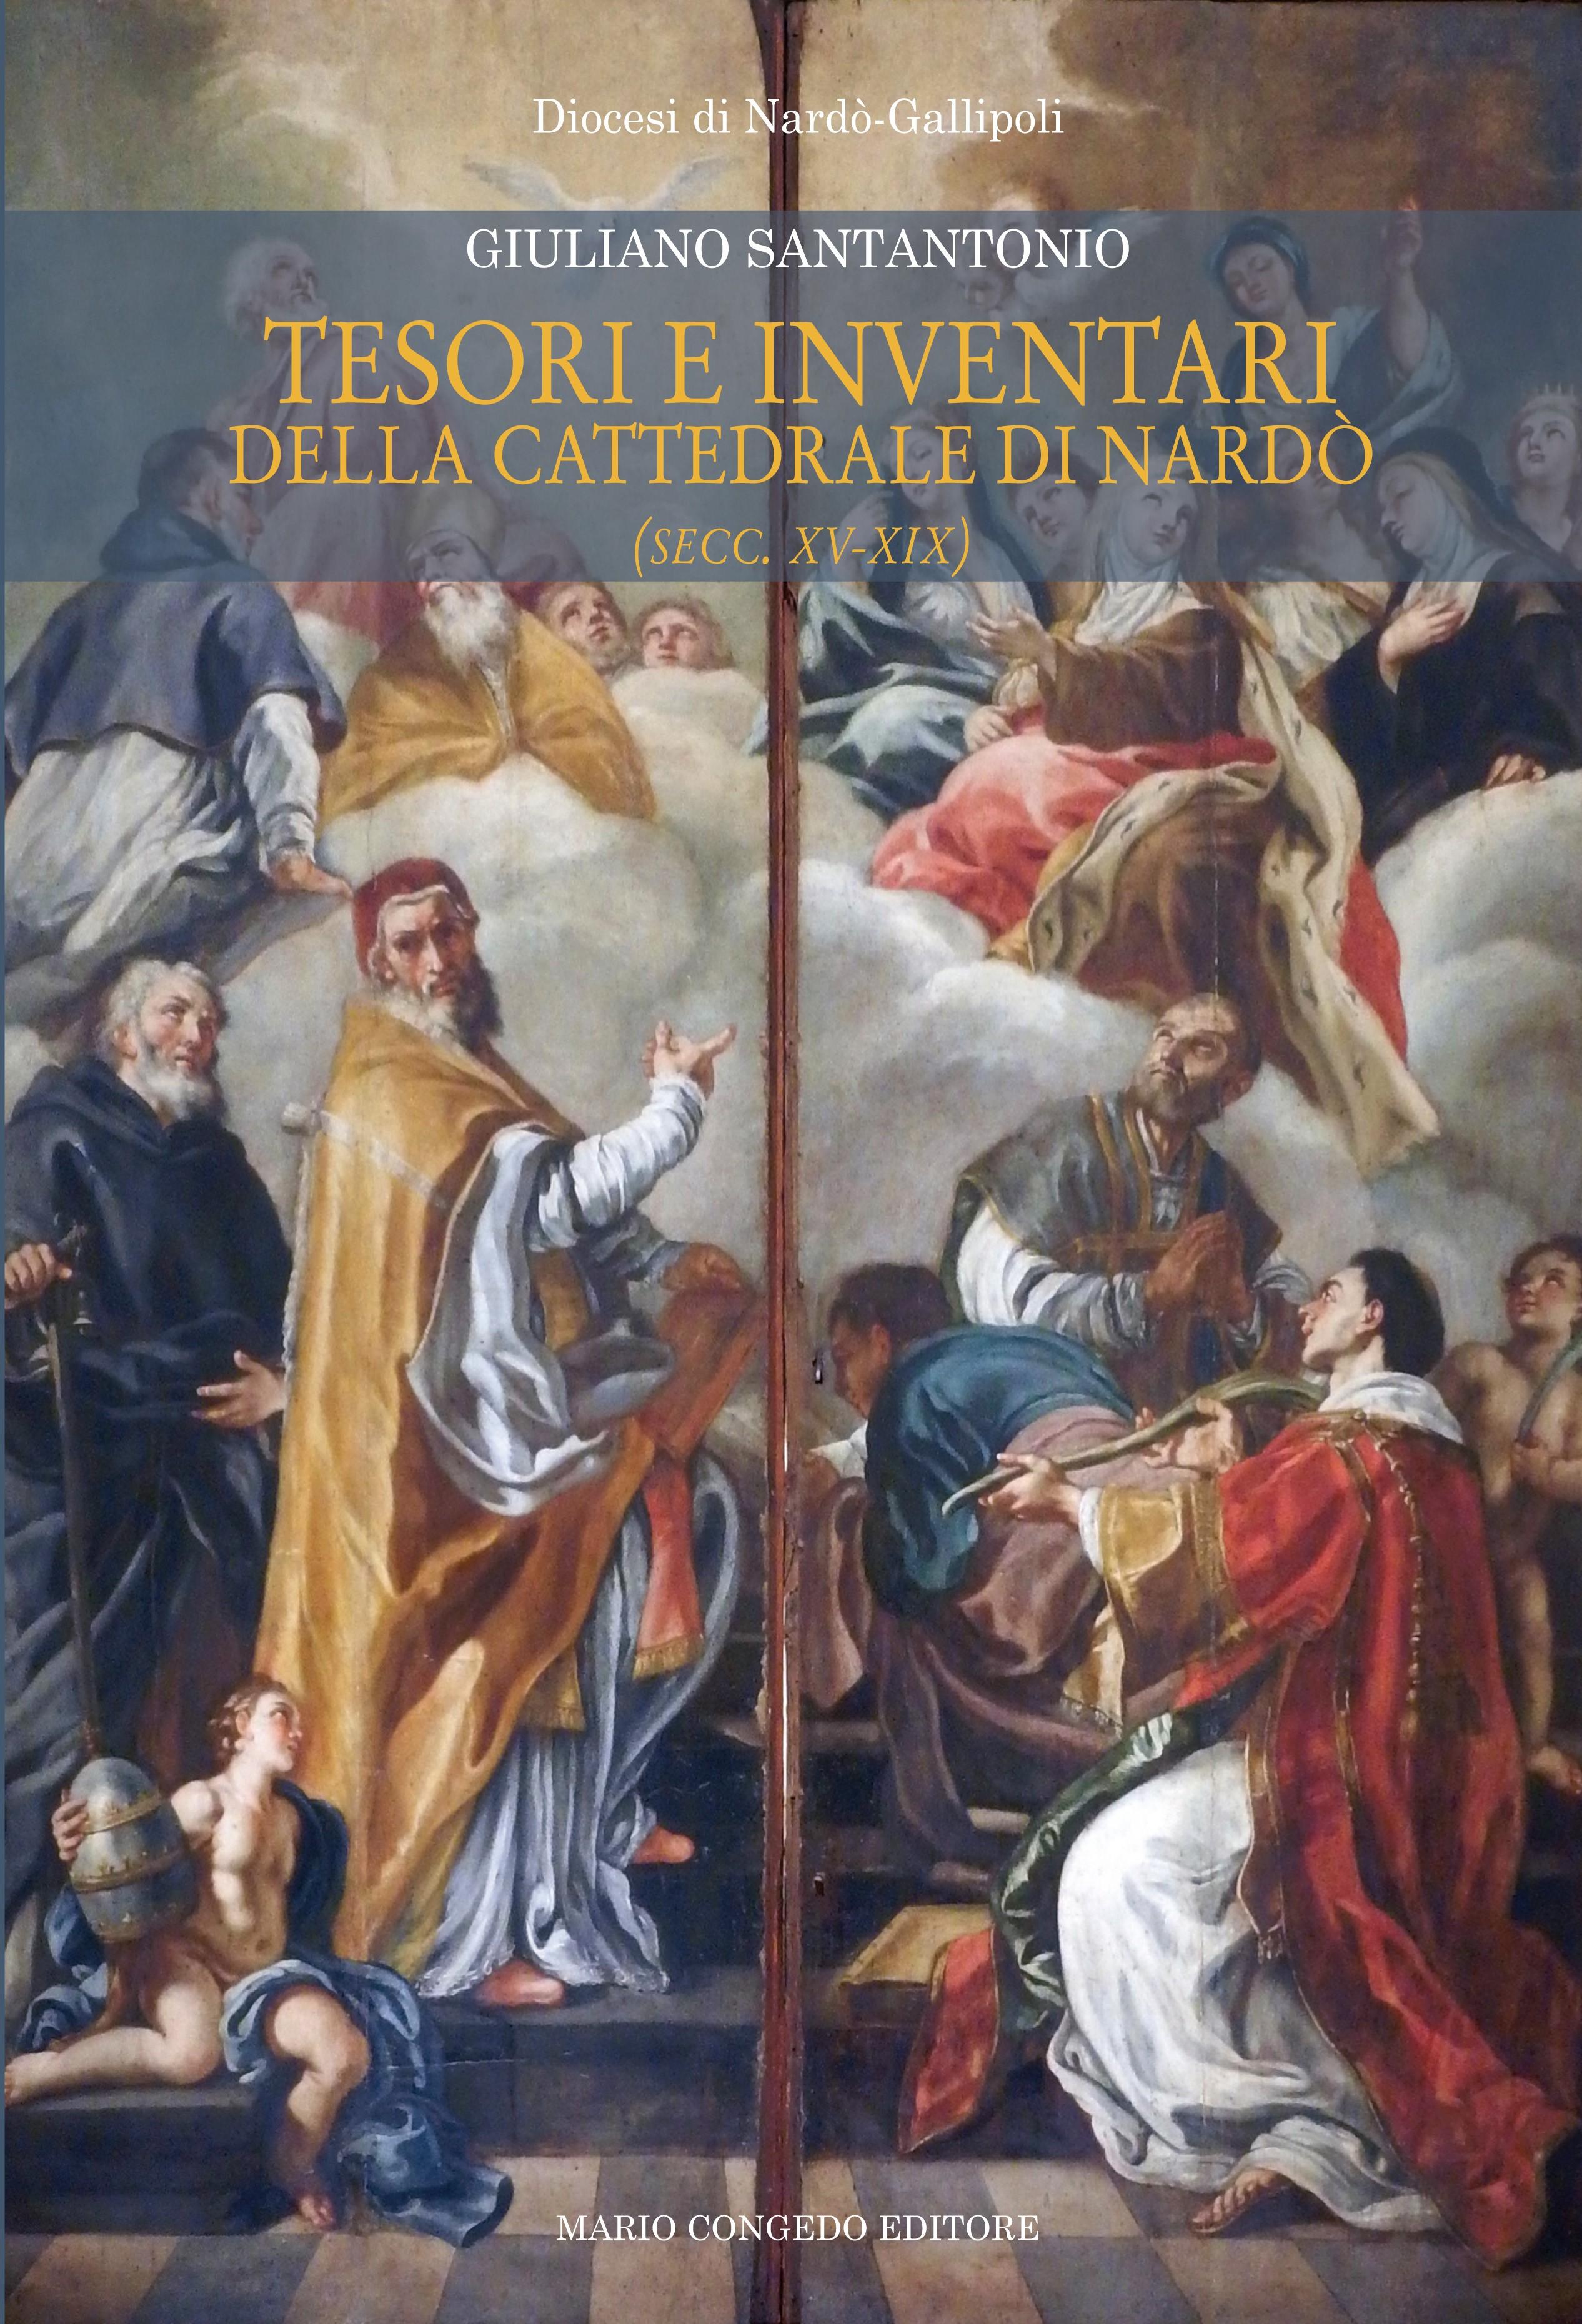 Tesori e Inventari della cattedrale di Nardò (secc. XV-XIX)